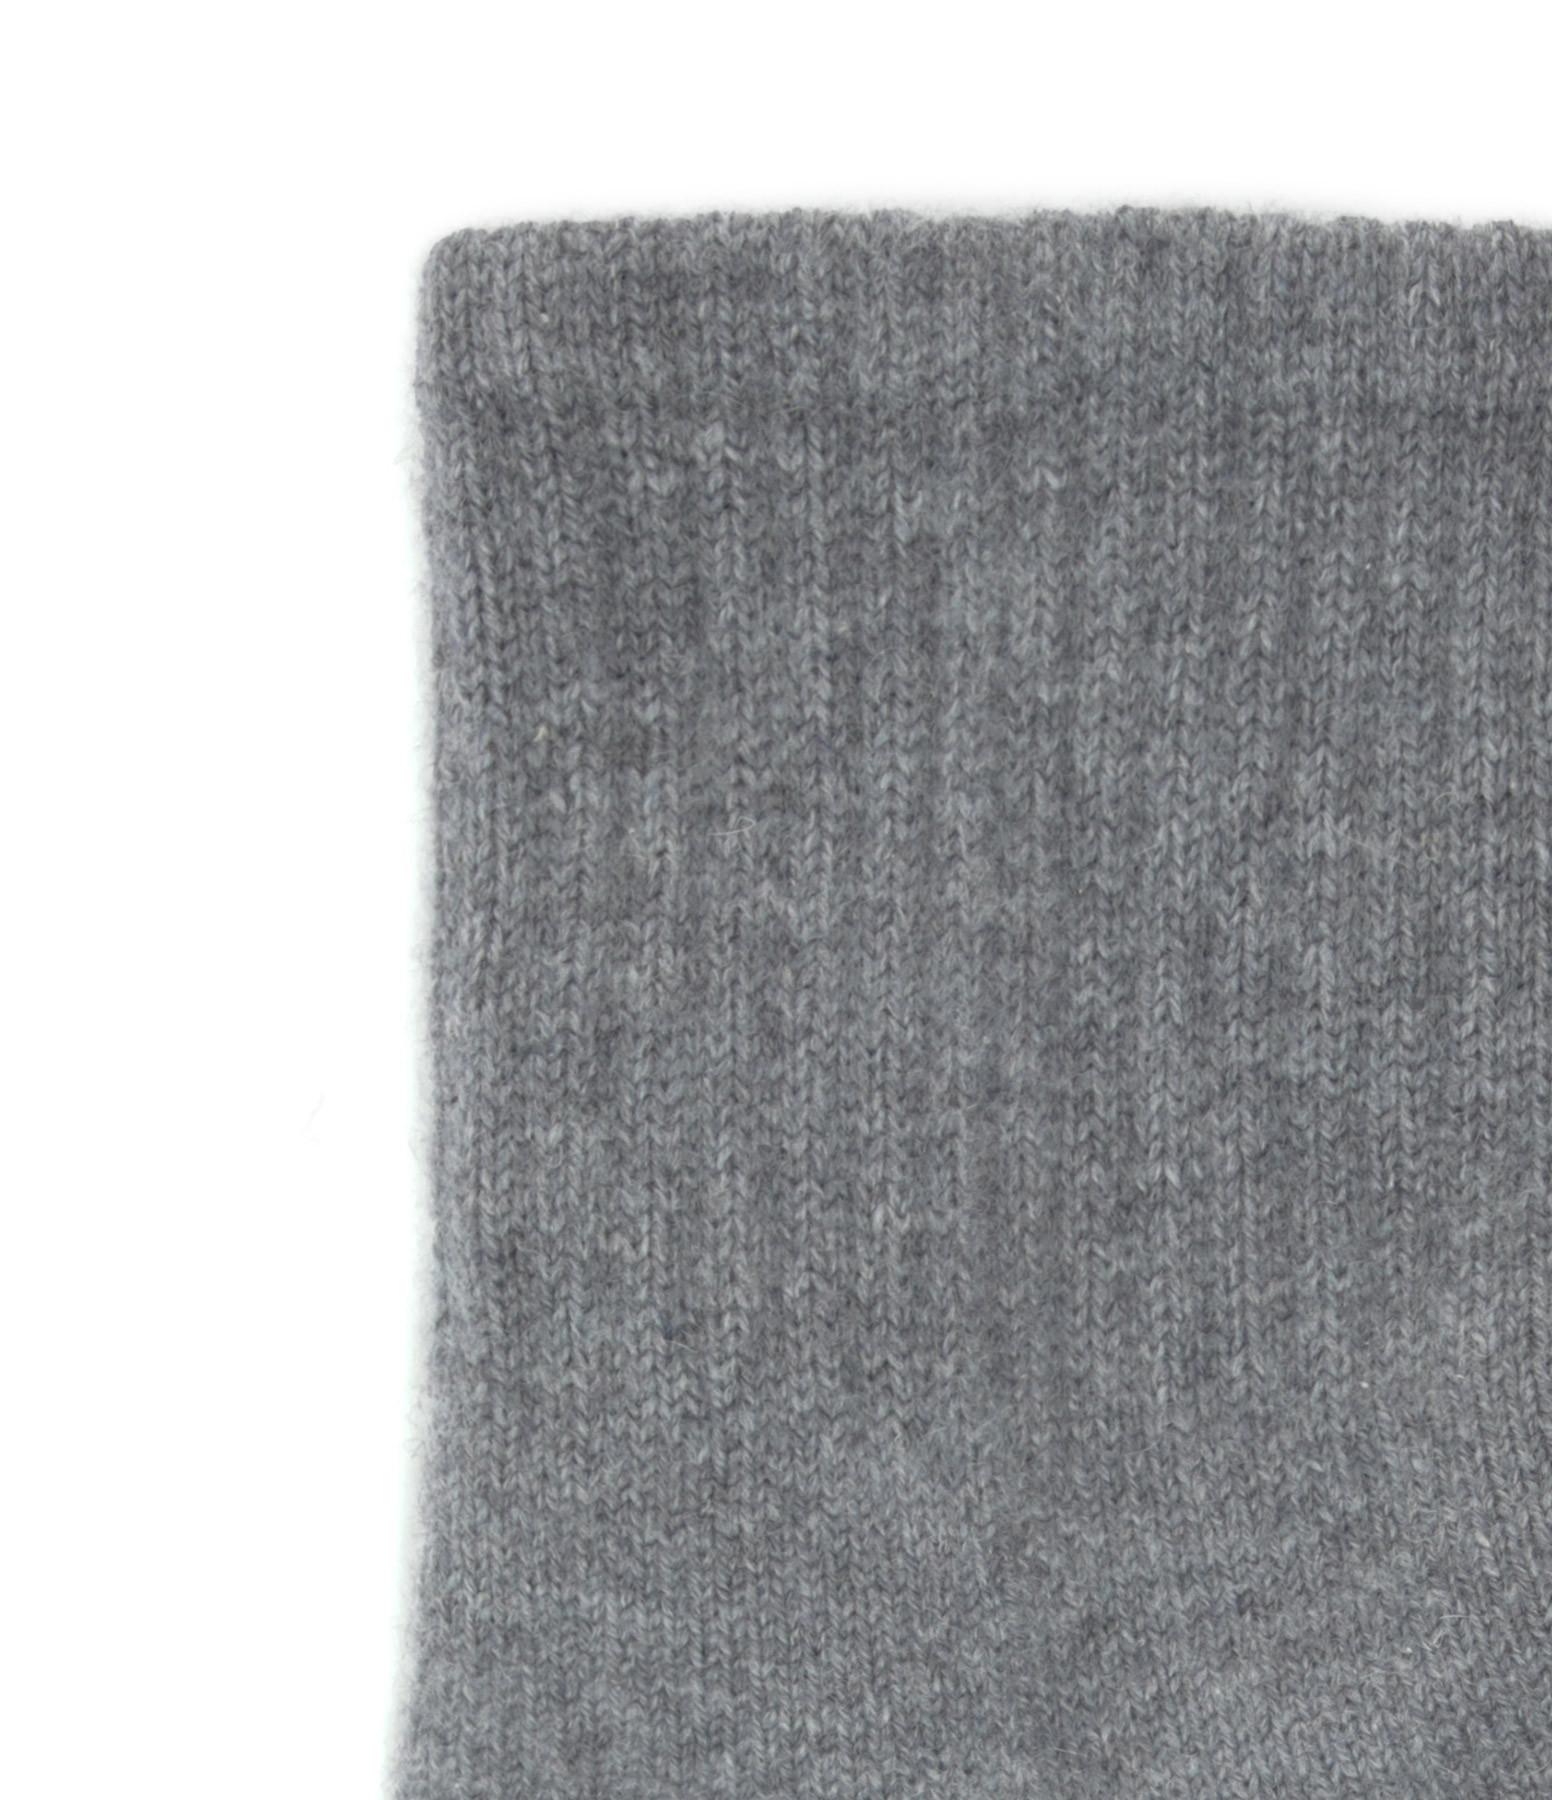 KUJTEN - Chaussettes Socks Cachemire Gris Flanelle